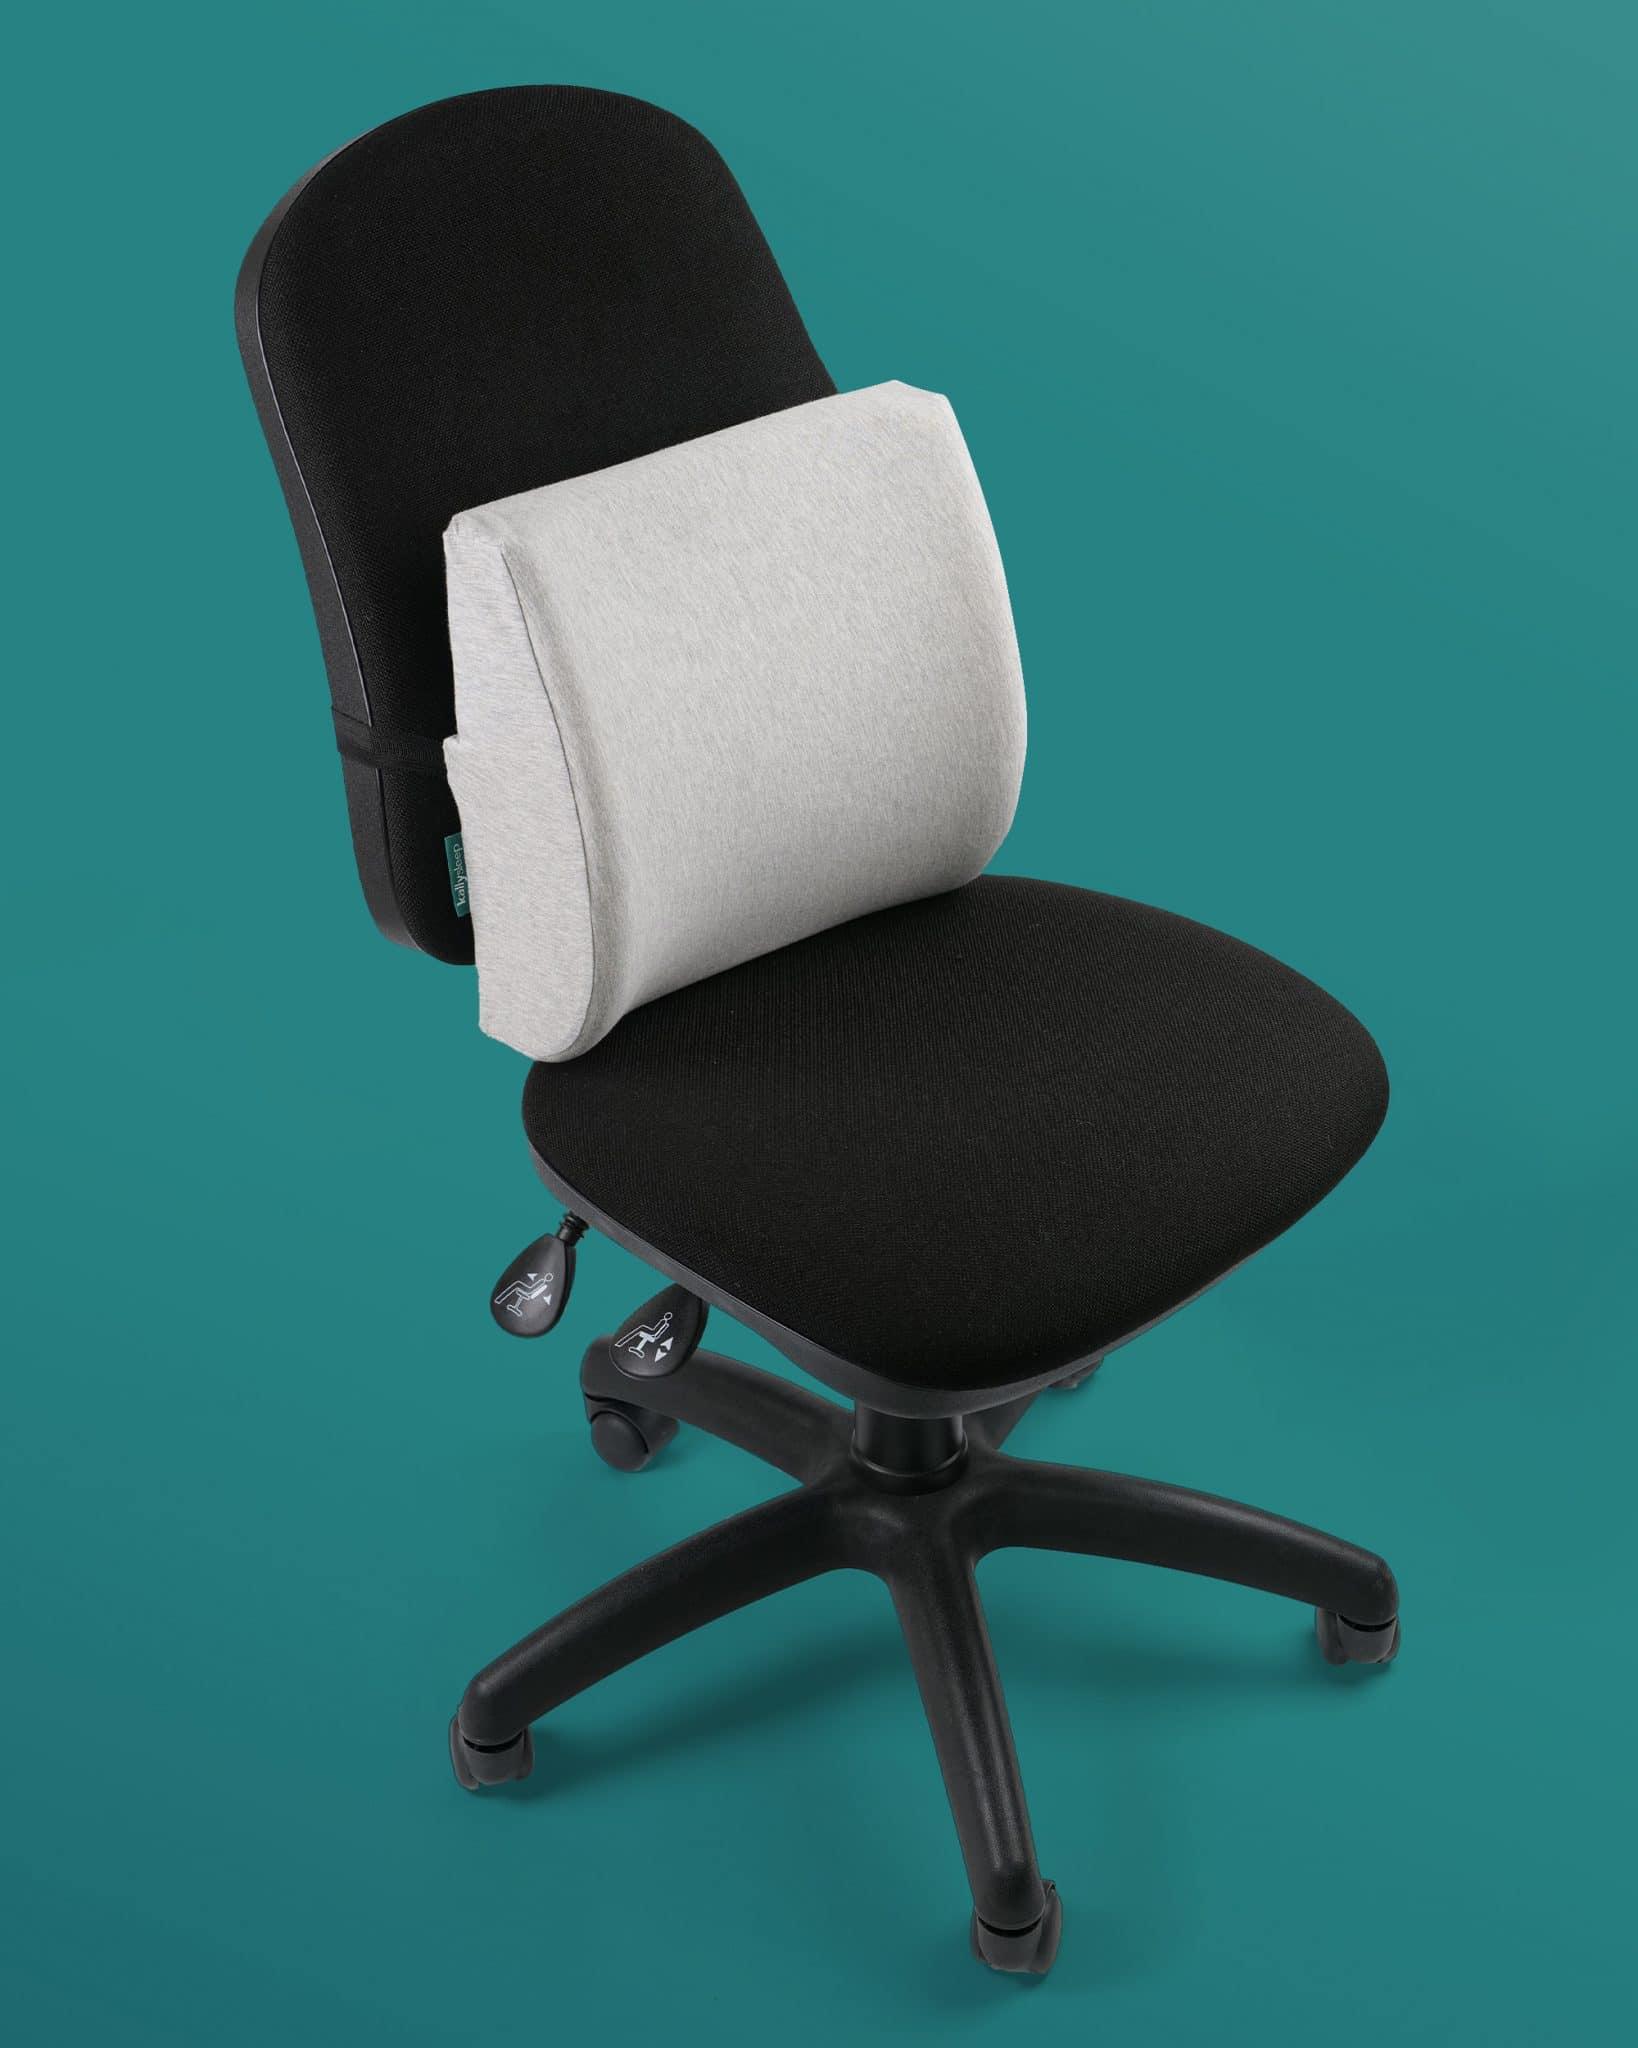 Kally Lumbar Support Cushion